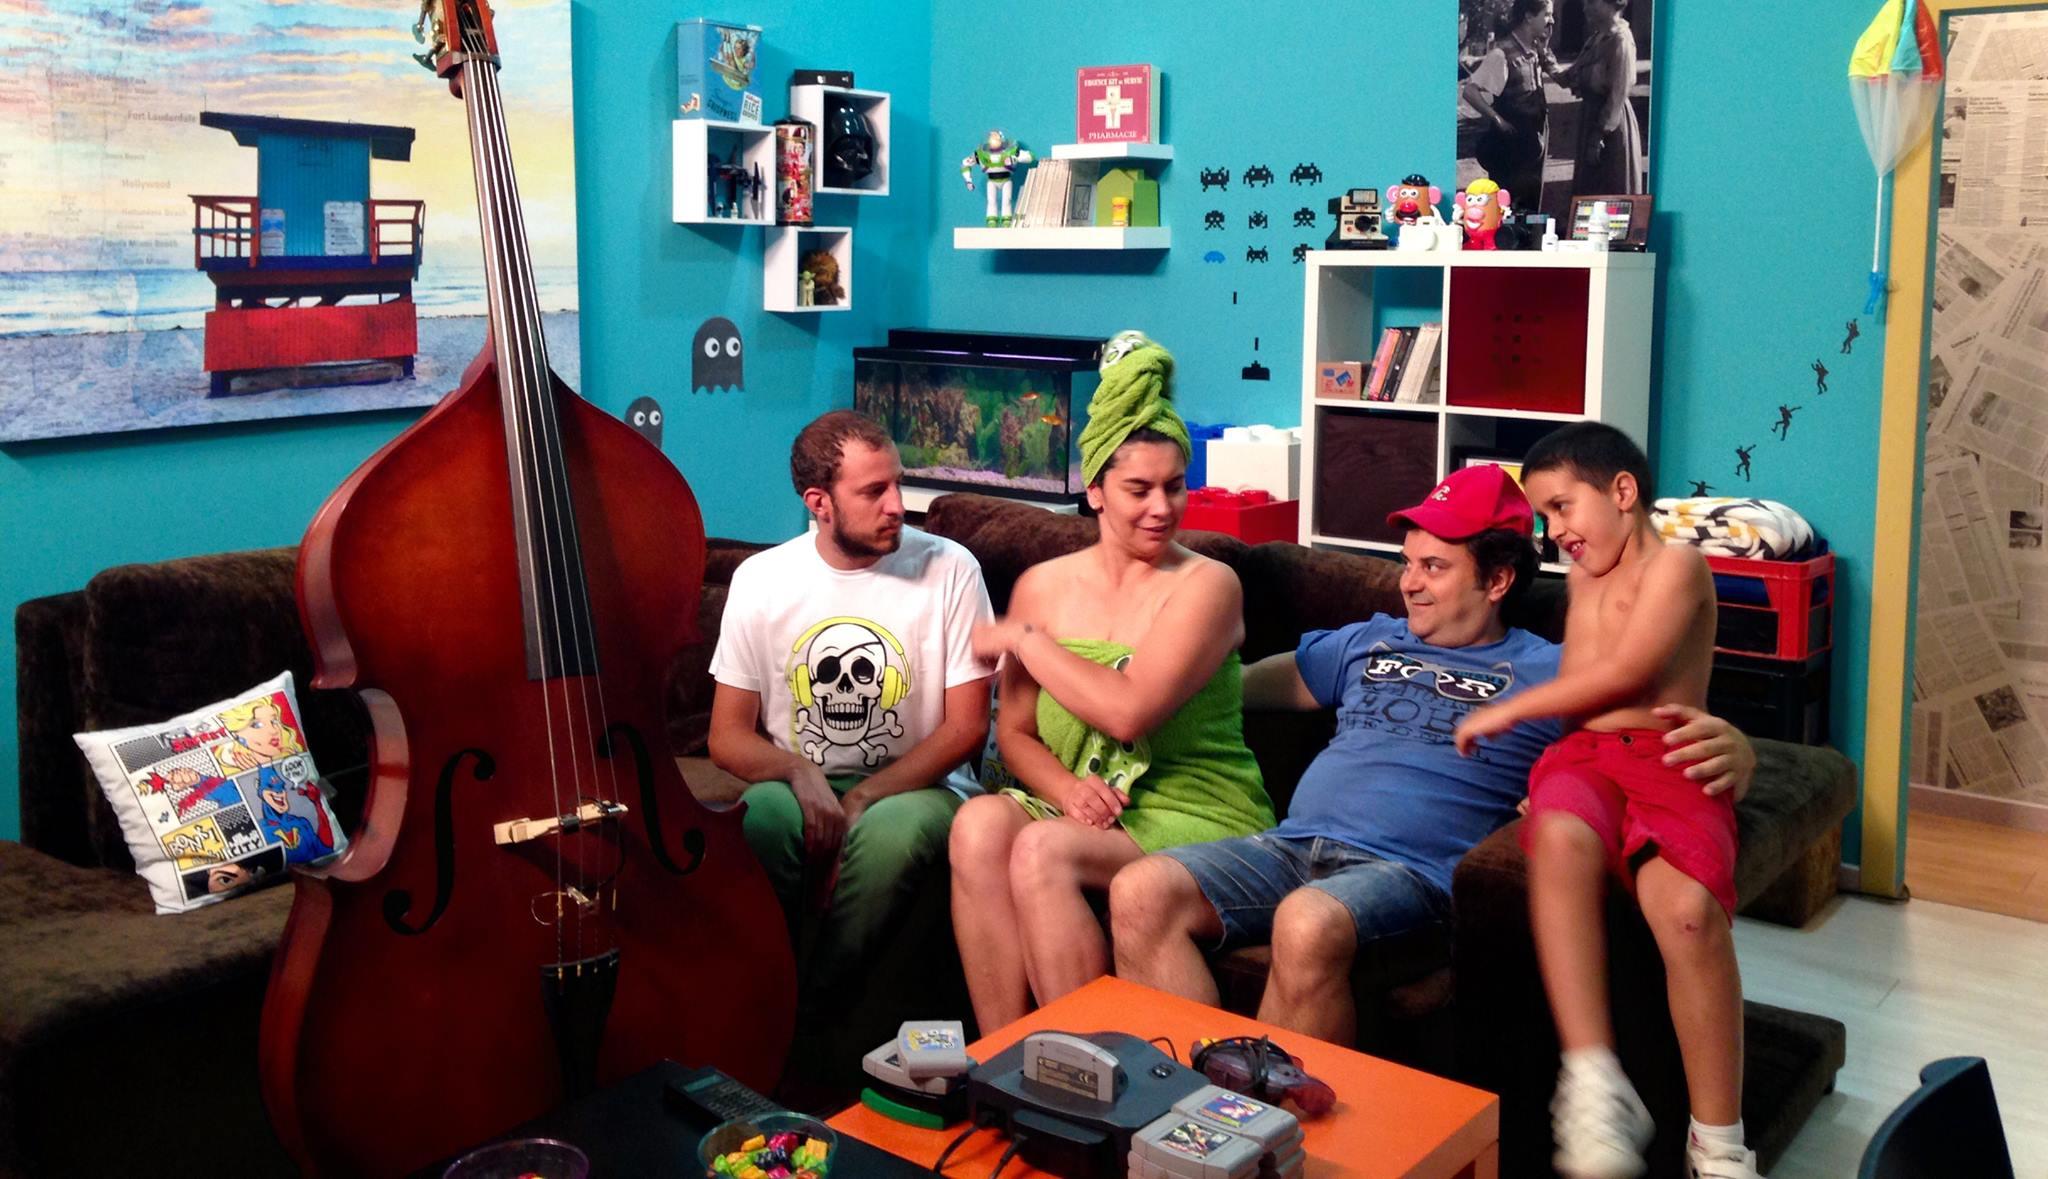 Miguel (primero por la izquierda) será sordo, pero toca la guitarra y escucha el sonido del microondas |  © IdenDeaf